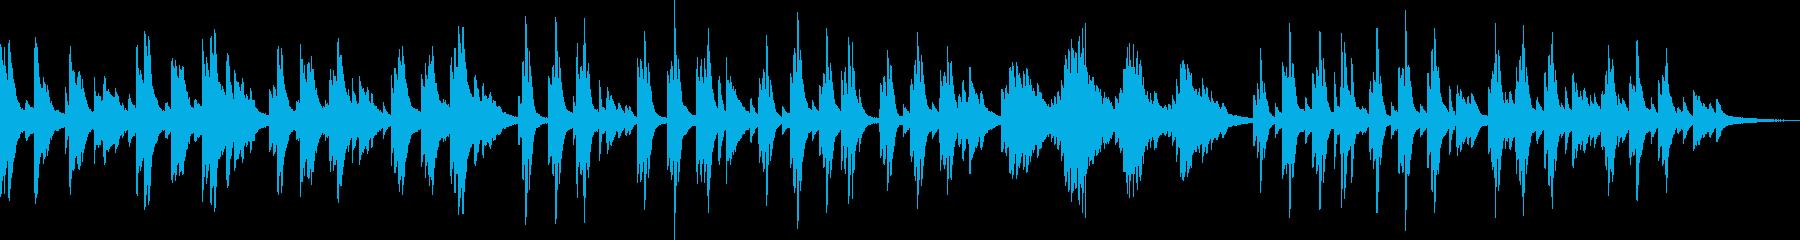 平凡な日常(優しい・バラード・落ち着く)の再生済みの波形